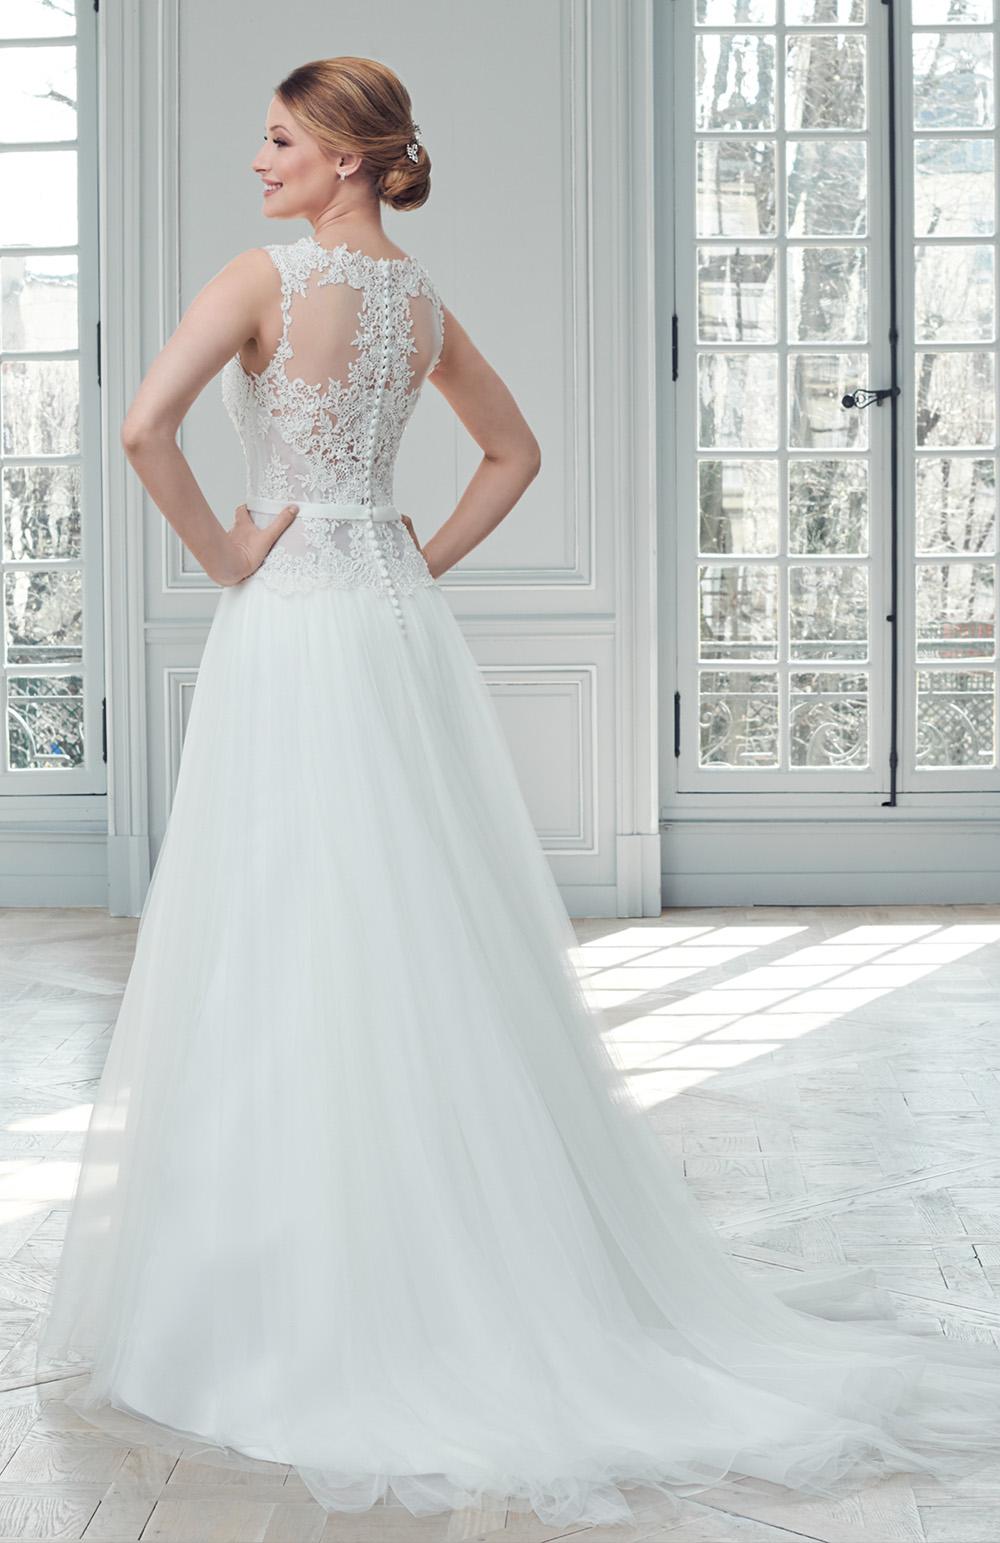 Robes de mariée style Tulle & Dentelle